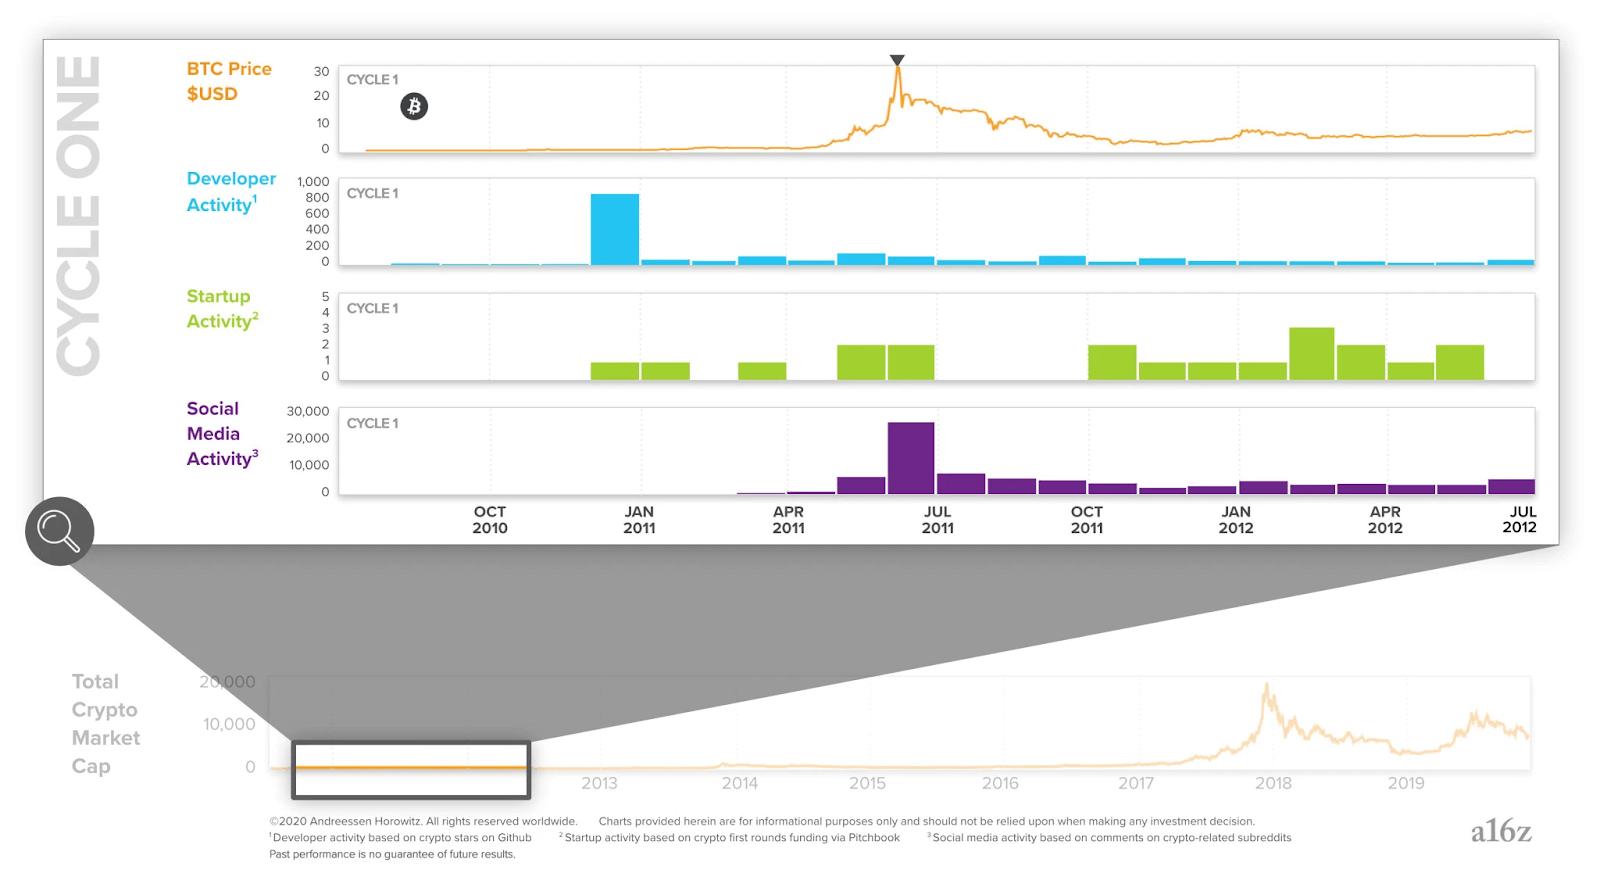 График первого цикла крипто-индустрии (2009−2012 годы)